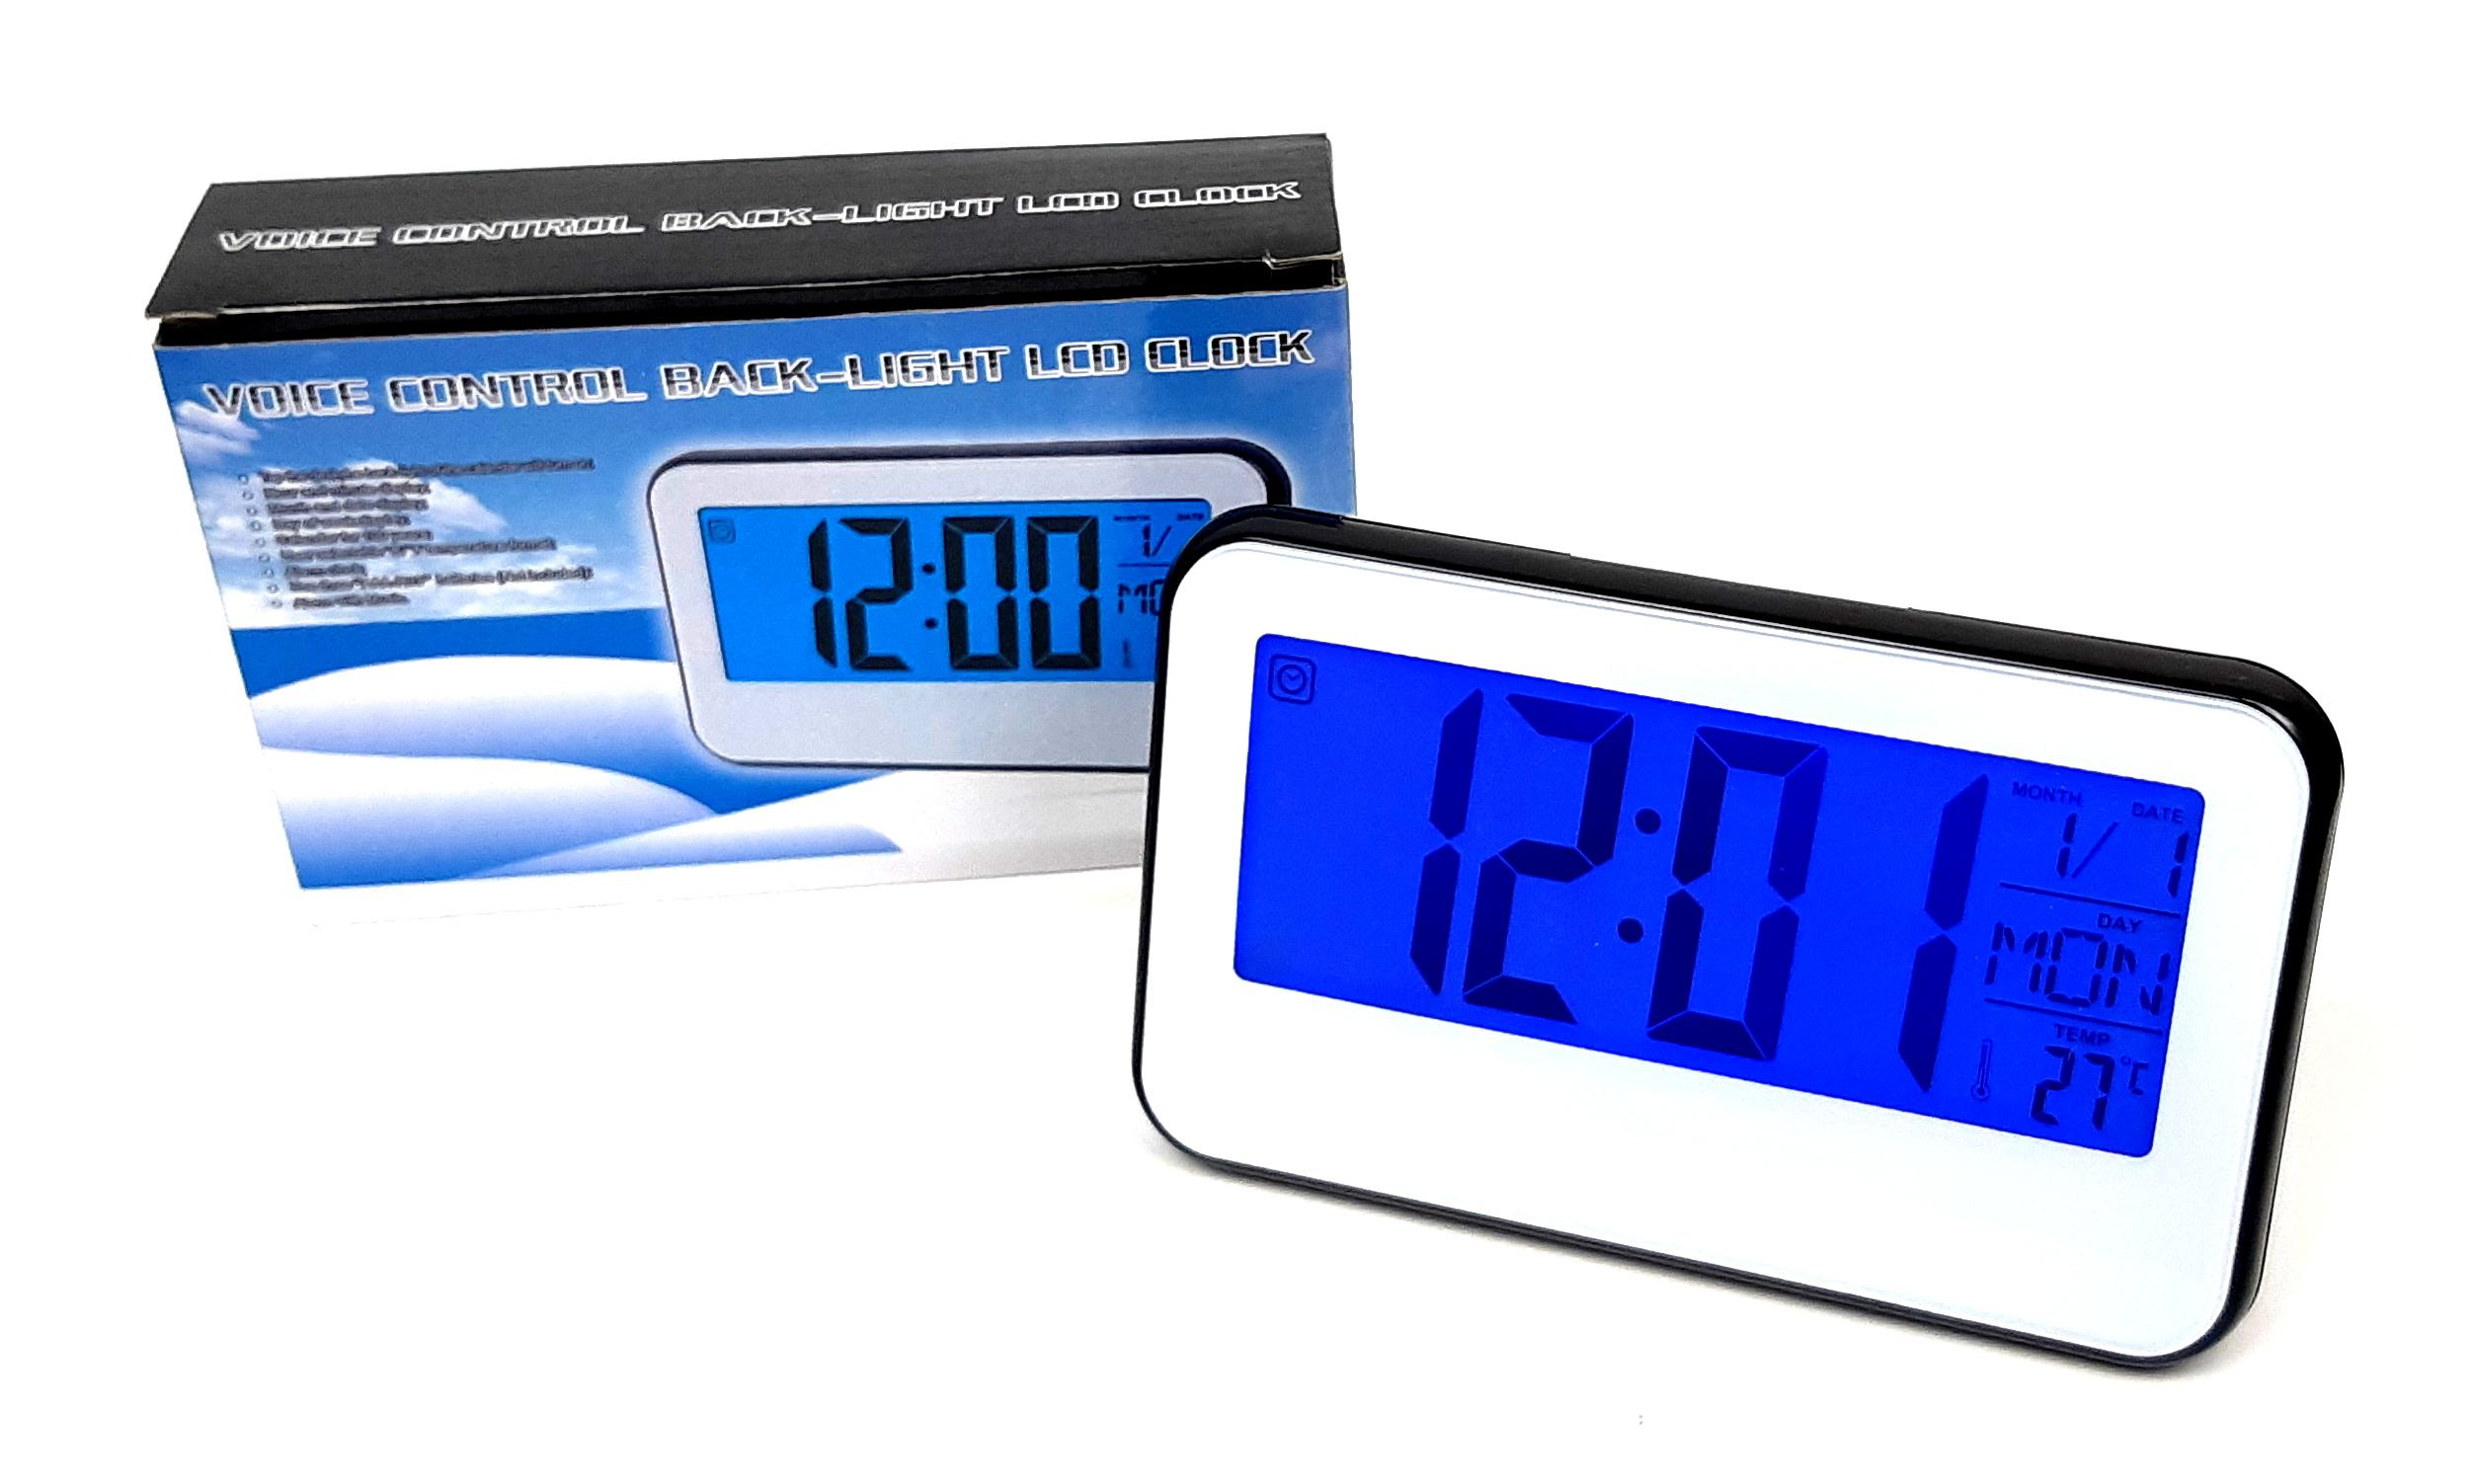 Ceas de birou cu lumina LED si temperatura, (Sound control) -